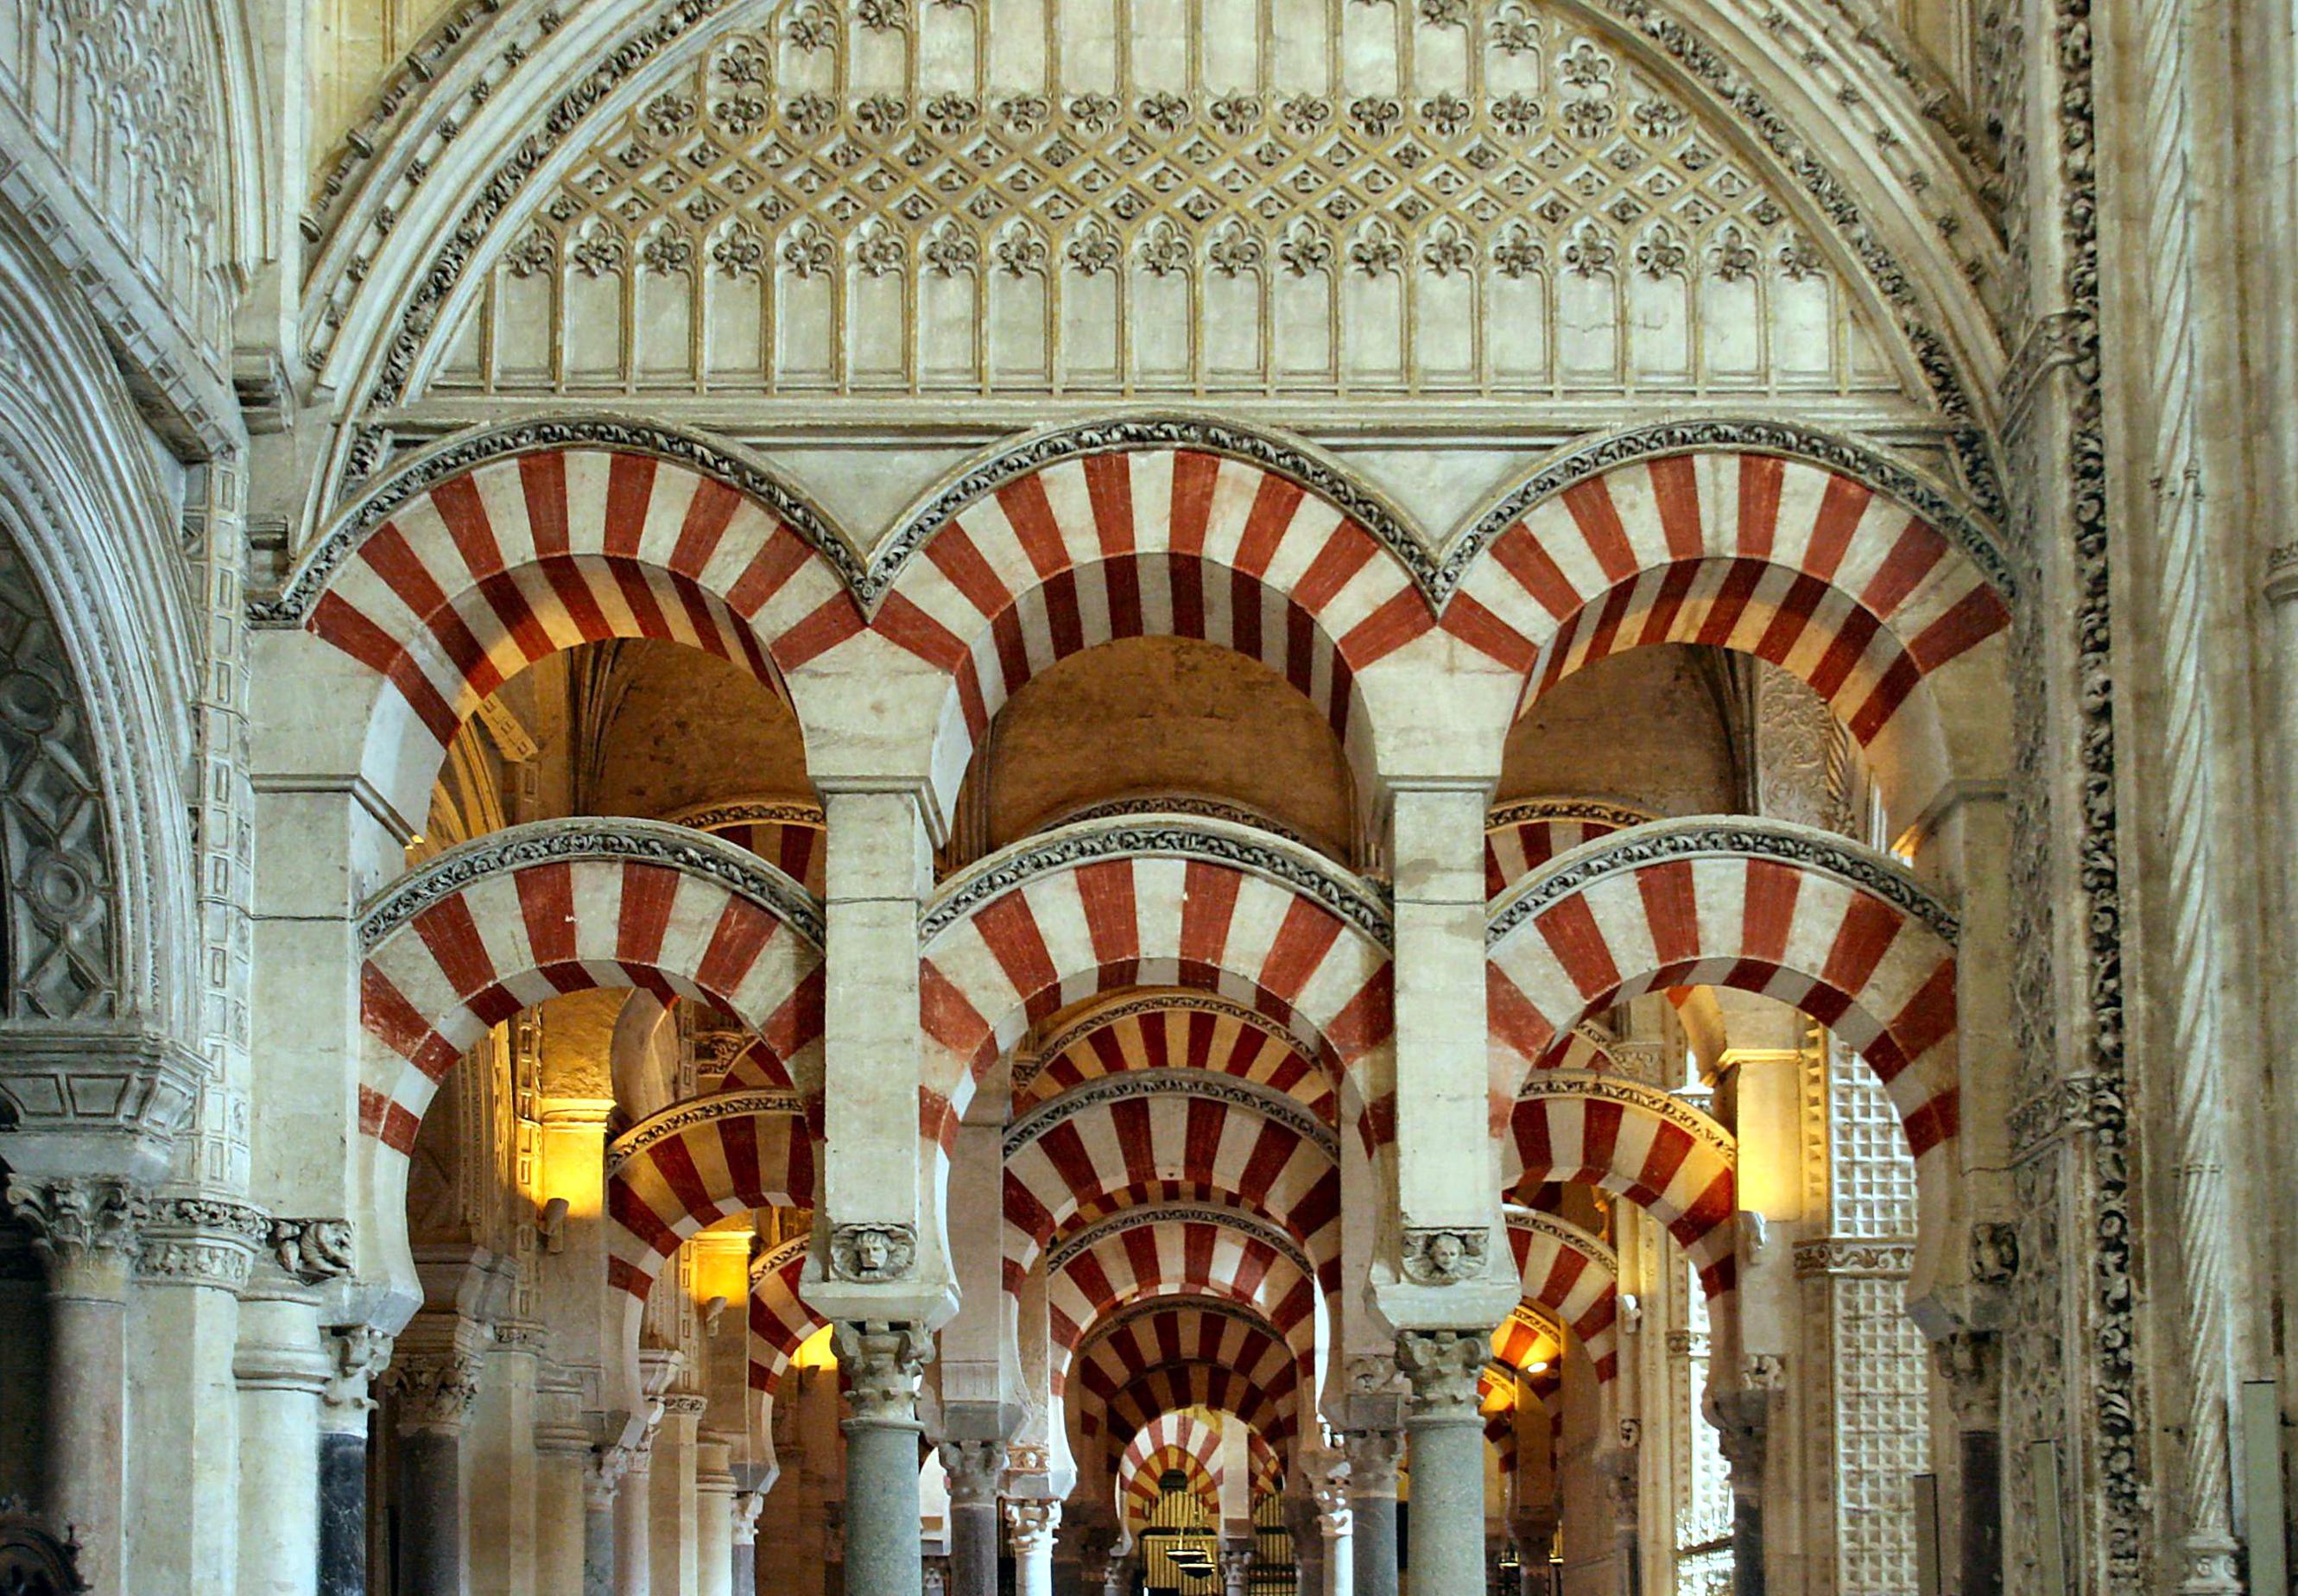 Mezquita Picture: 'The Economist' Denuncia A La Iglesia Española Por El Caso